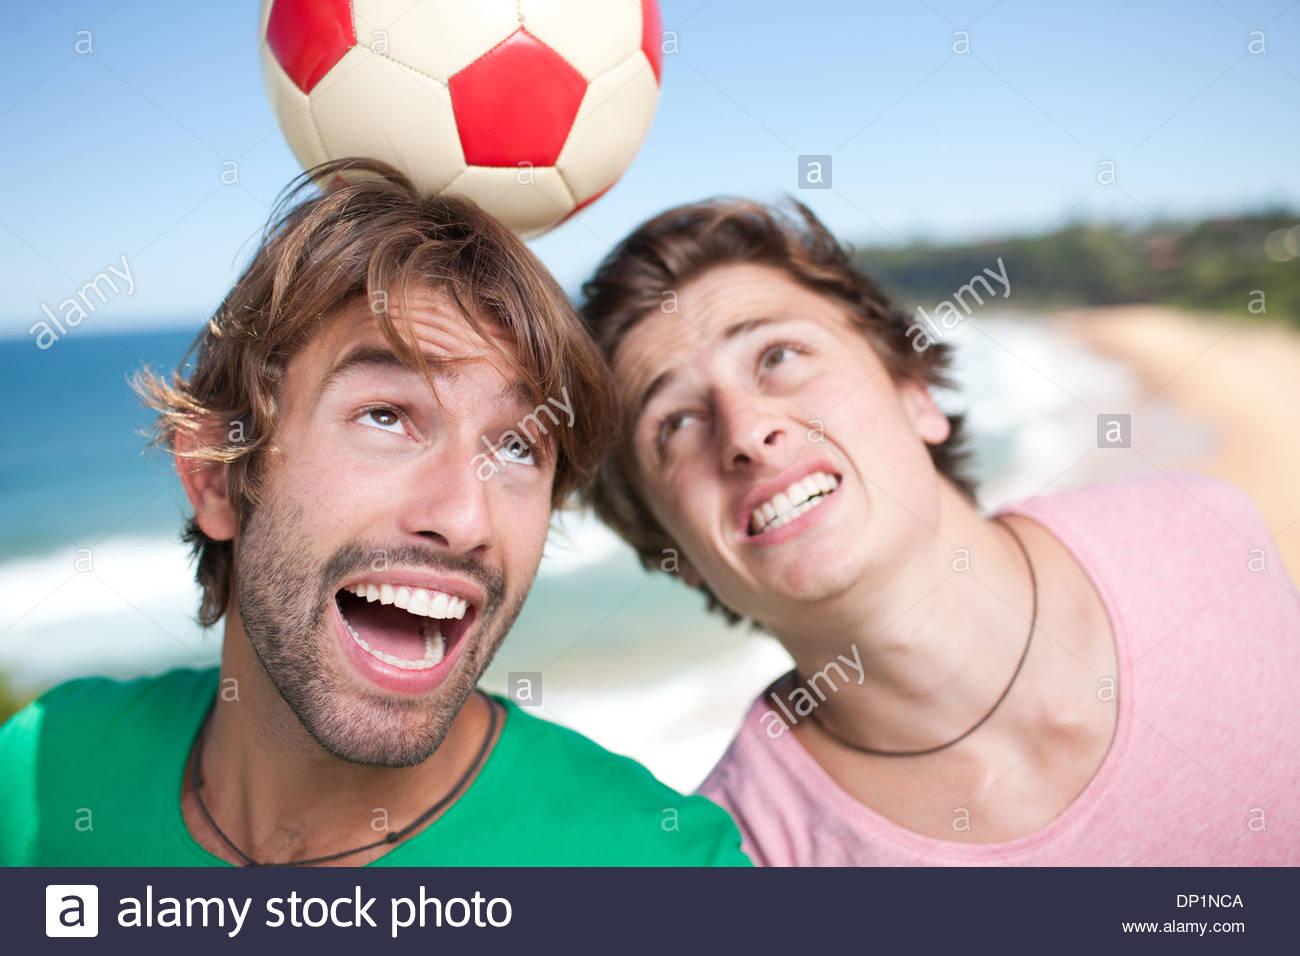 Les hommes jouent au soccer beach Photo Stock